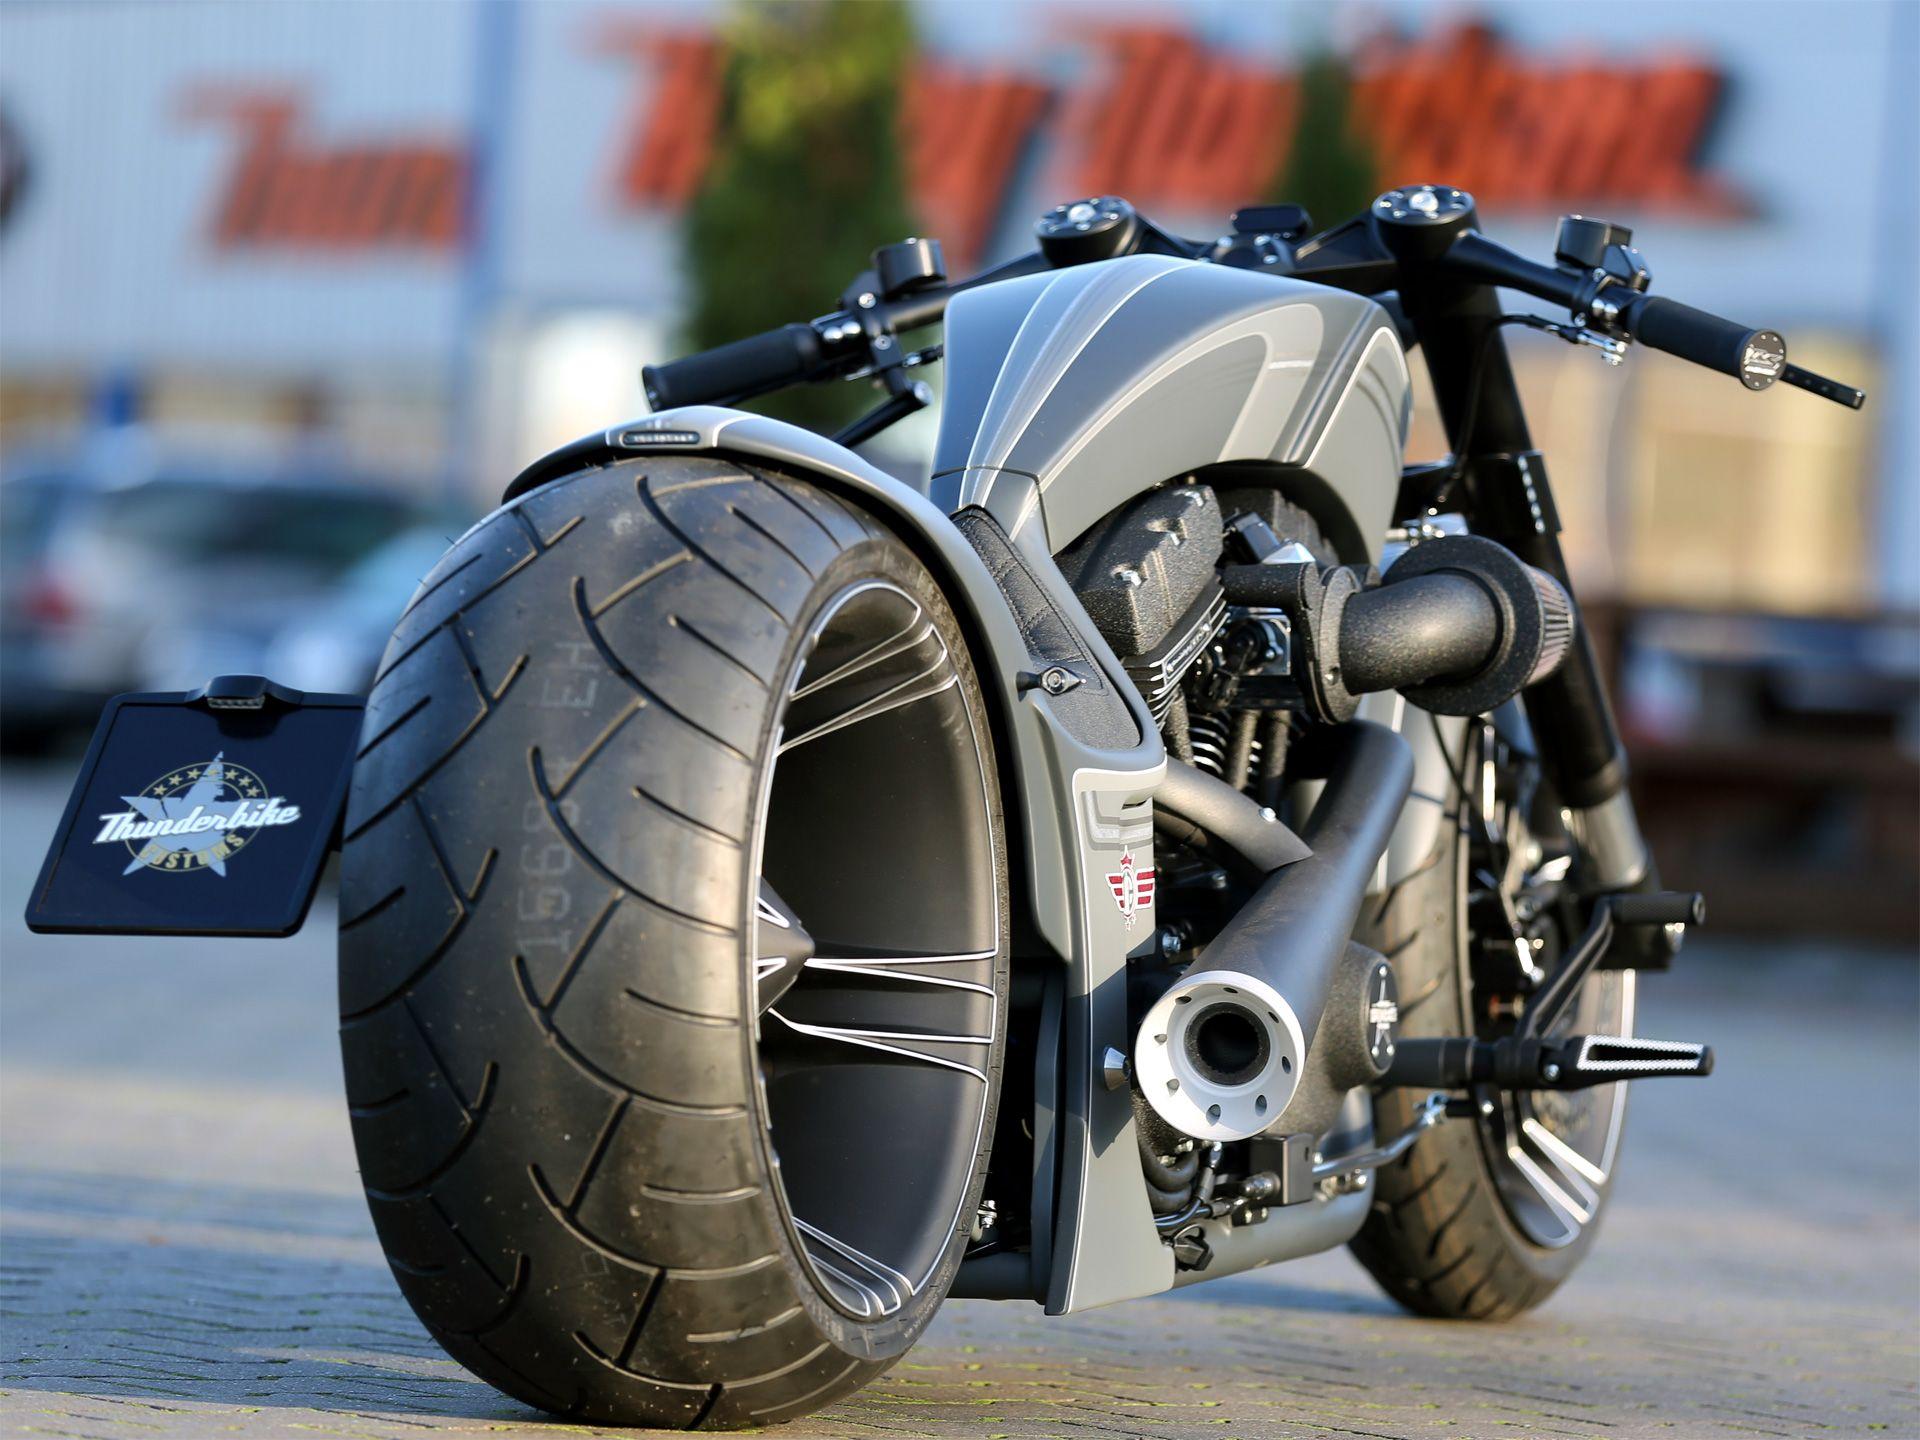 тренировки, фото разных современных мотоциклов новой